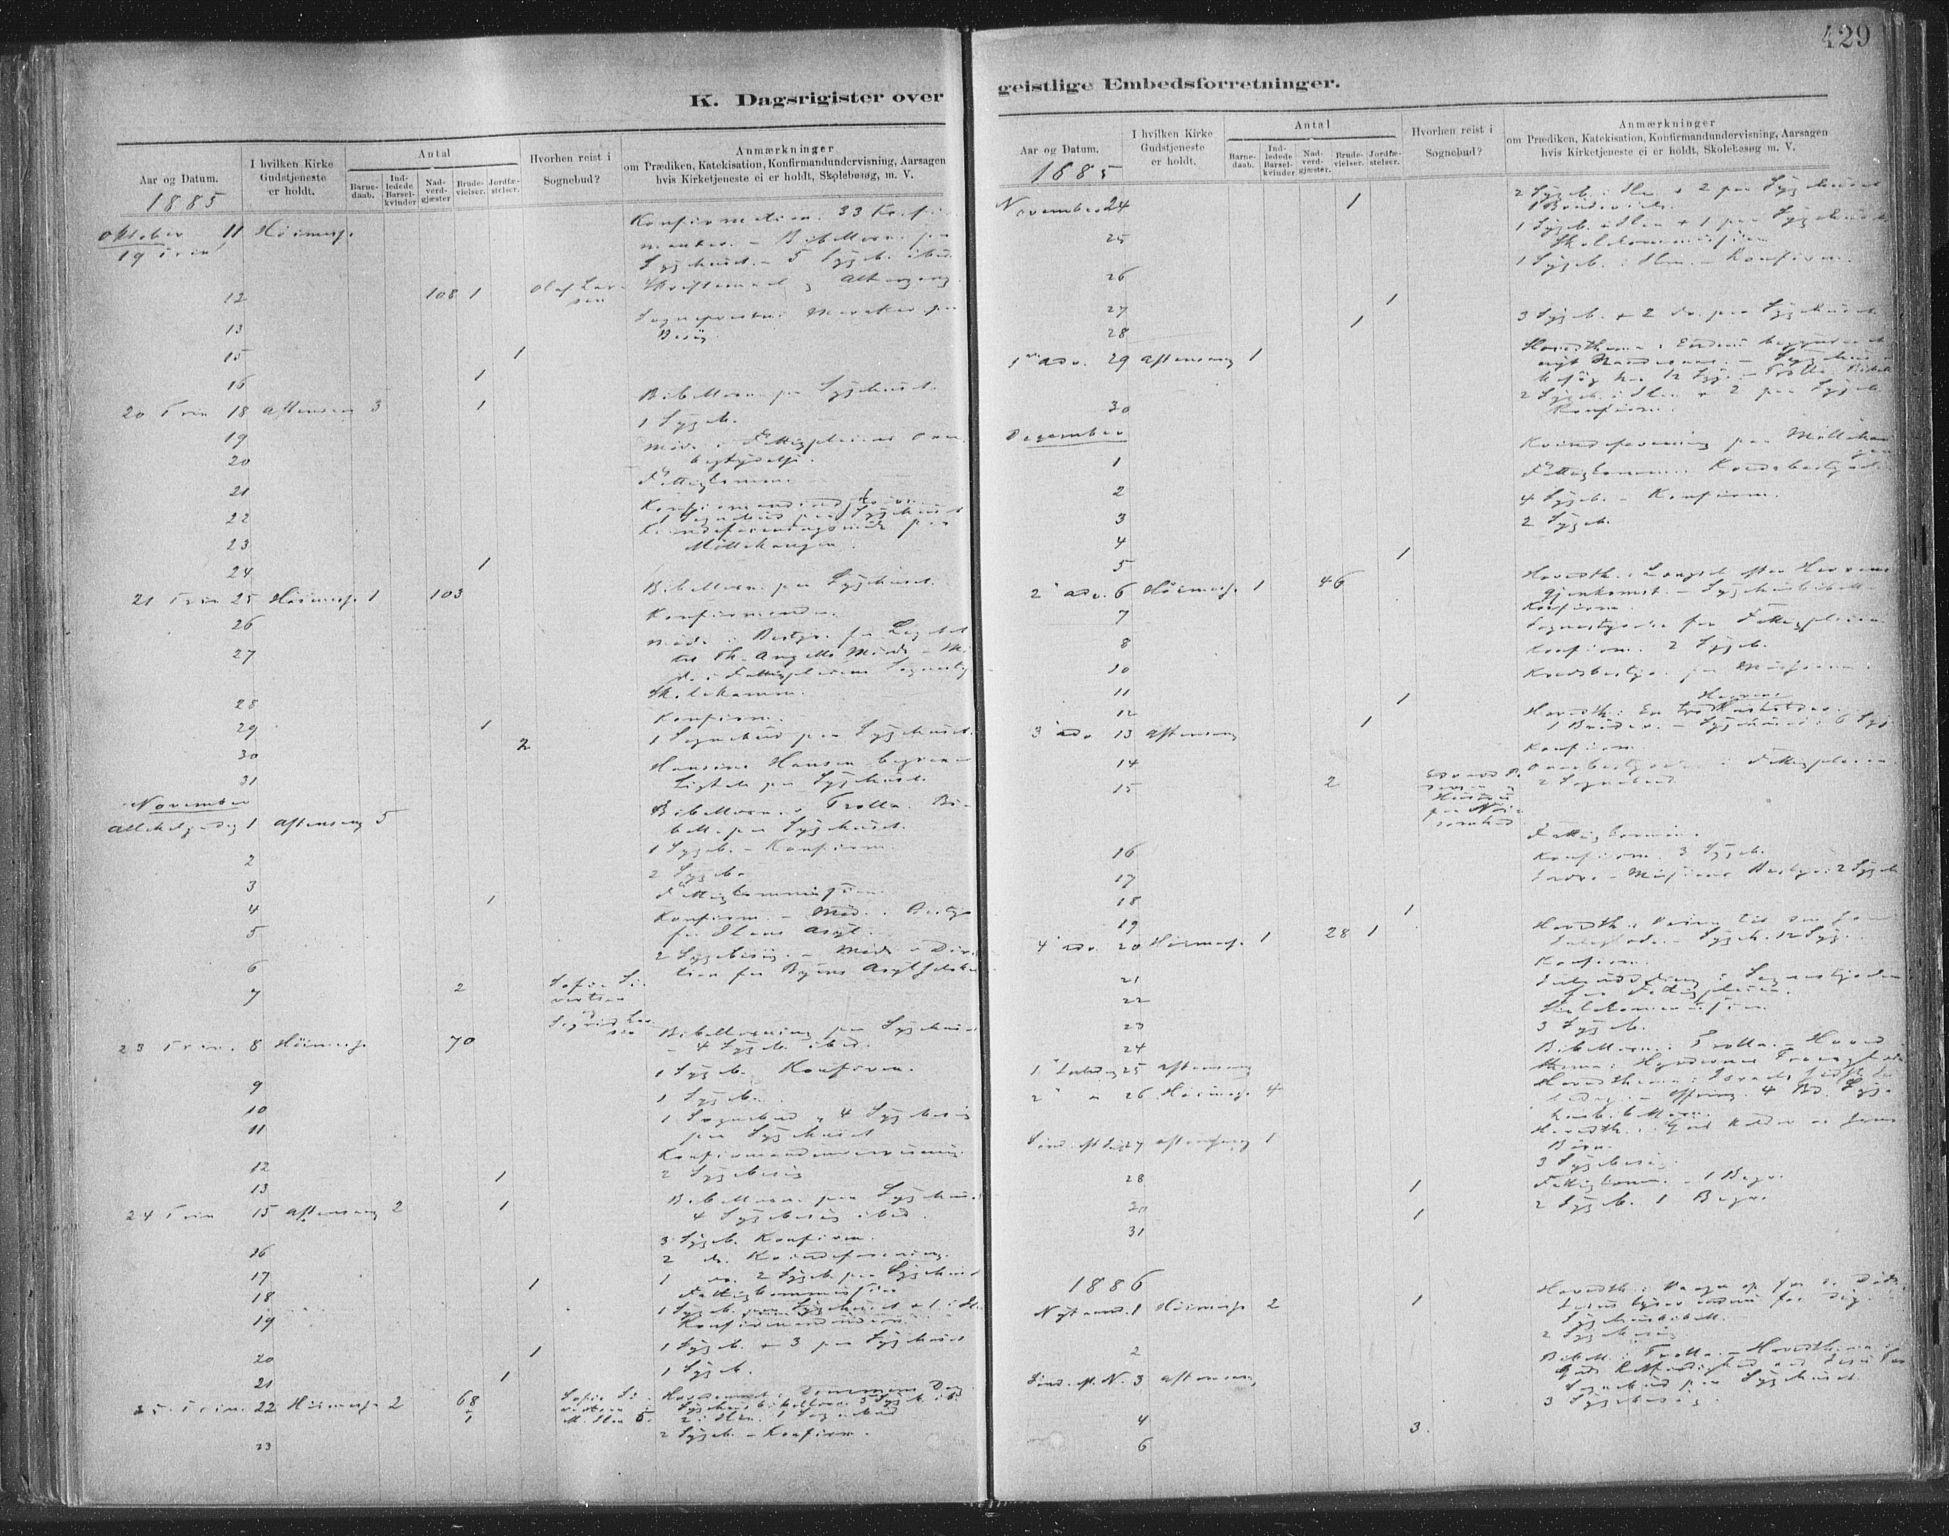 SAT, Ministerialprotokoller, klokkerbøker og fødselsregistre - Sør-Trøndelag, 603/L0163: Ministerialbok nr. 603A02, 1879-1895, s. 429